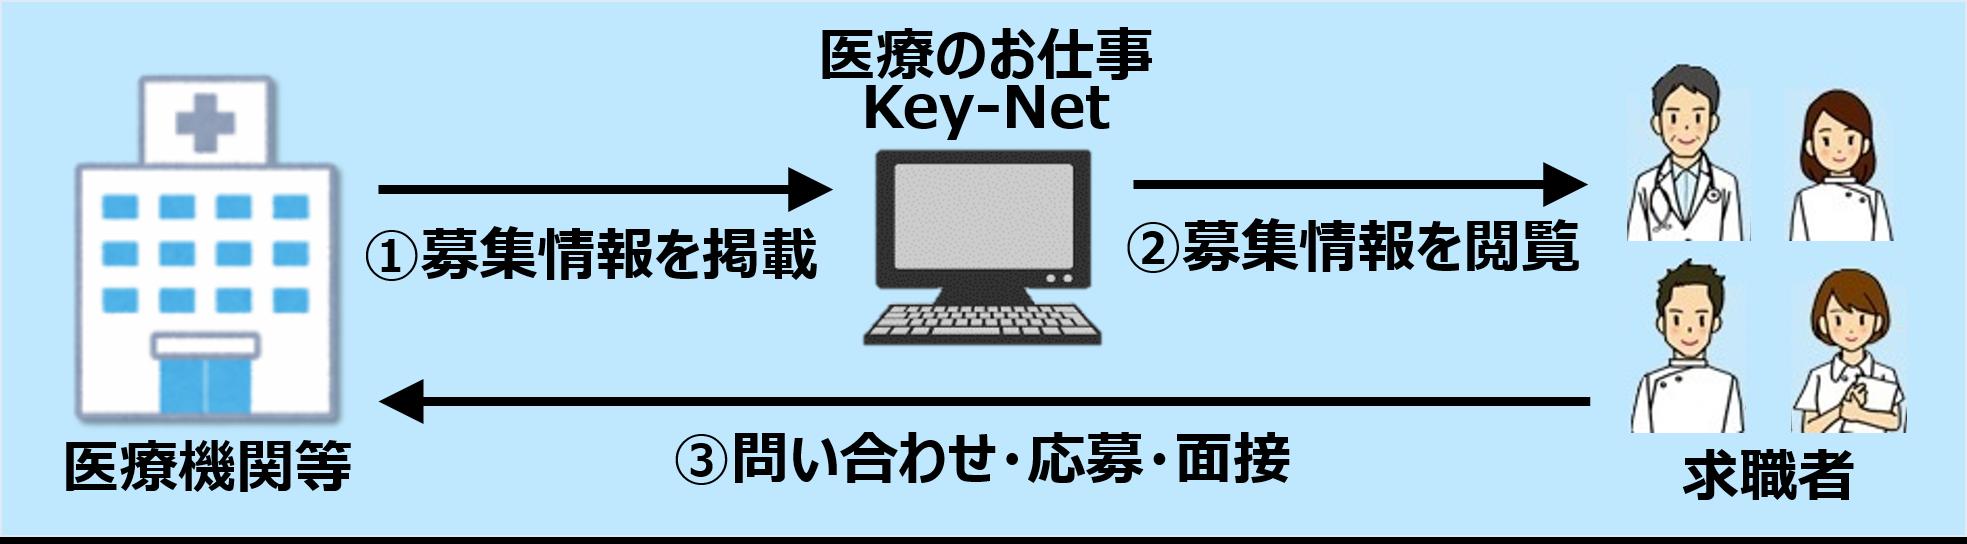 医師・看護師・医療人材の求人情報サイト 「医療のお仕事 Key-Net ...